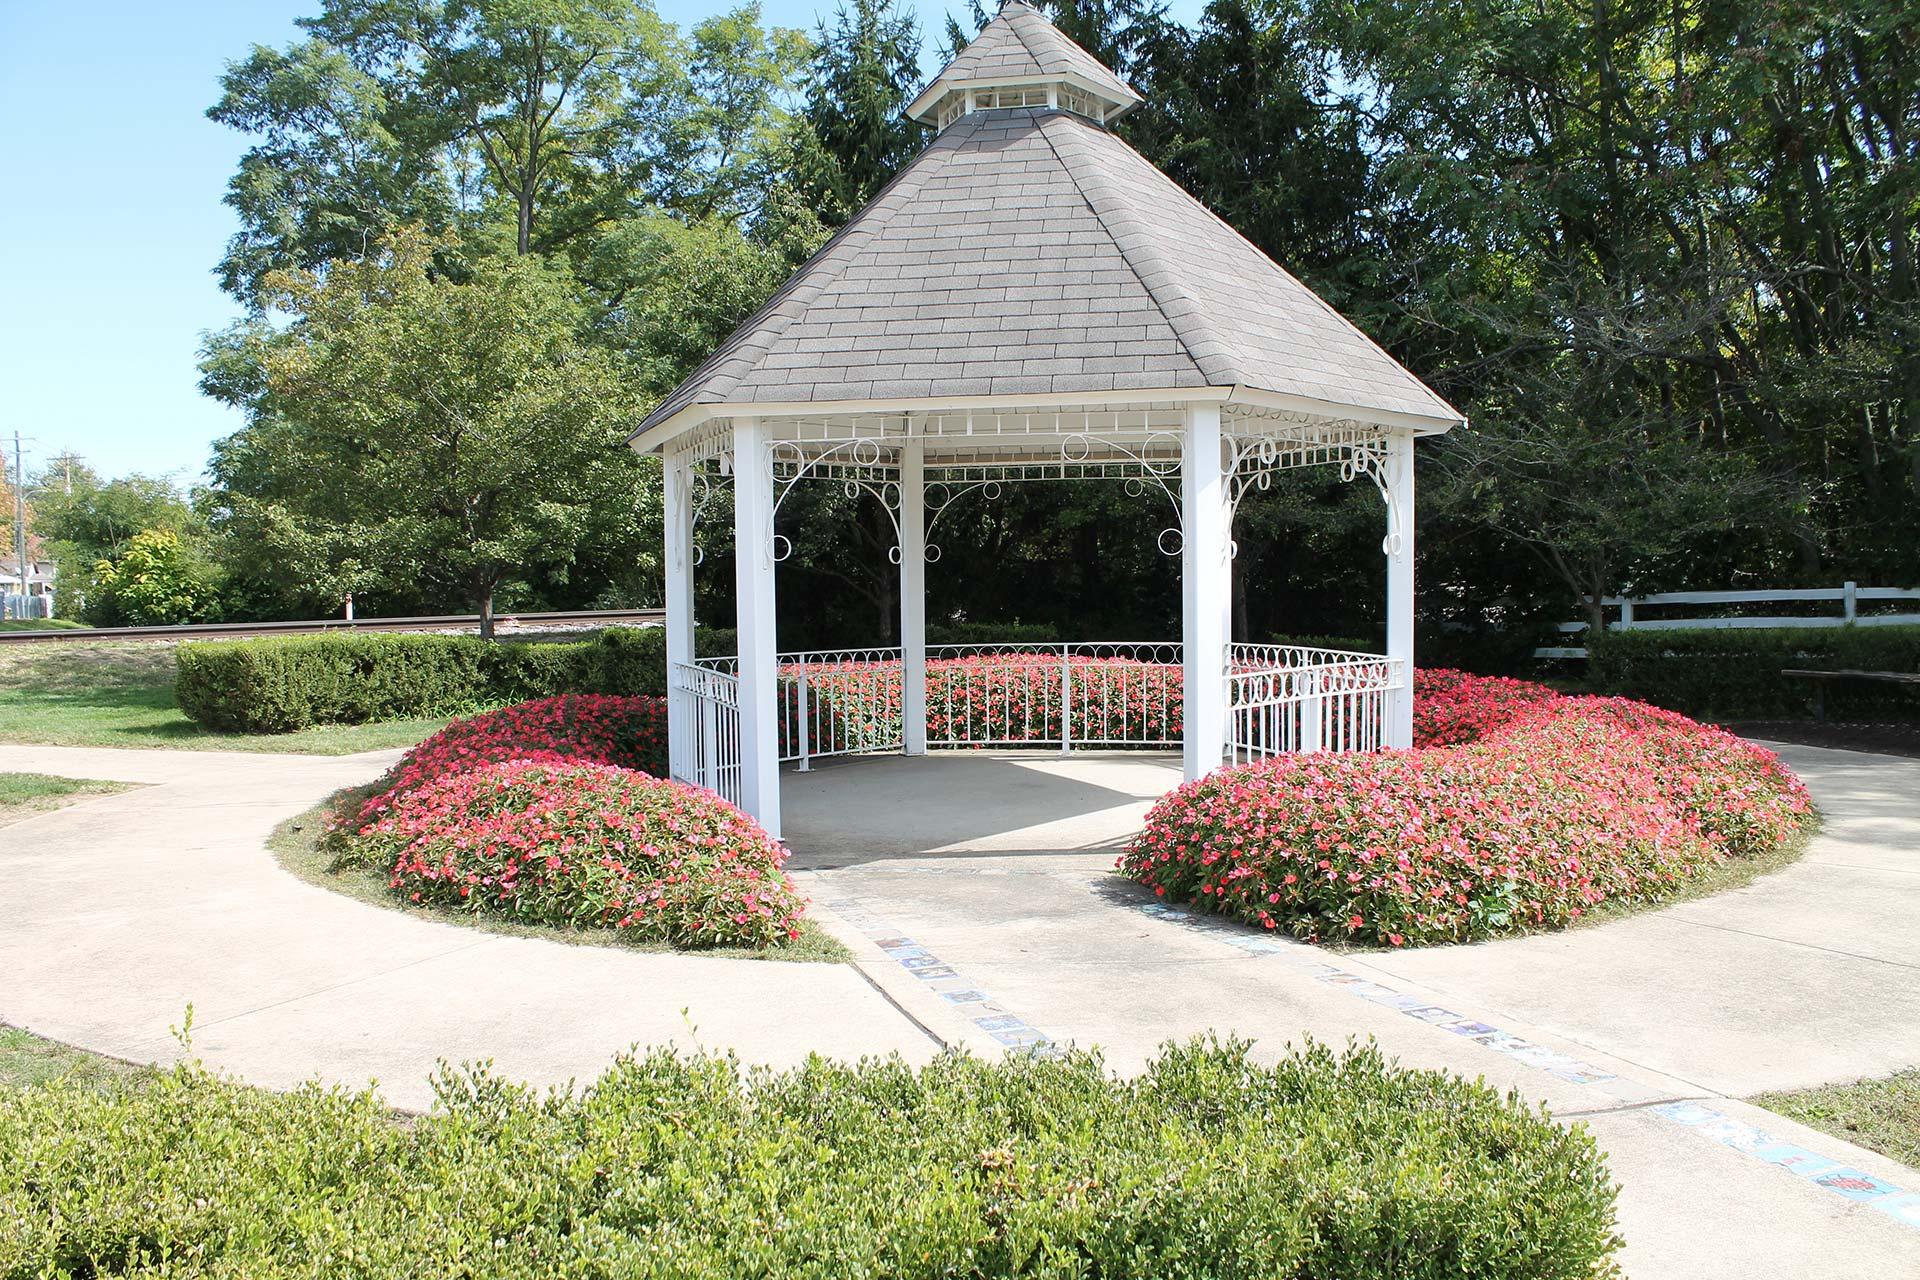 Children's Garden Park